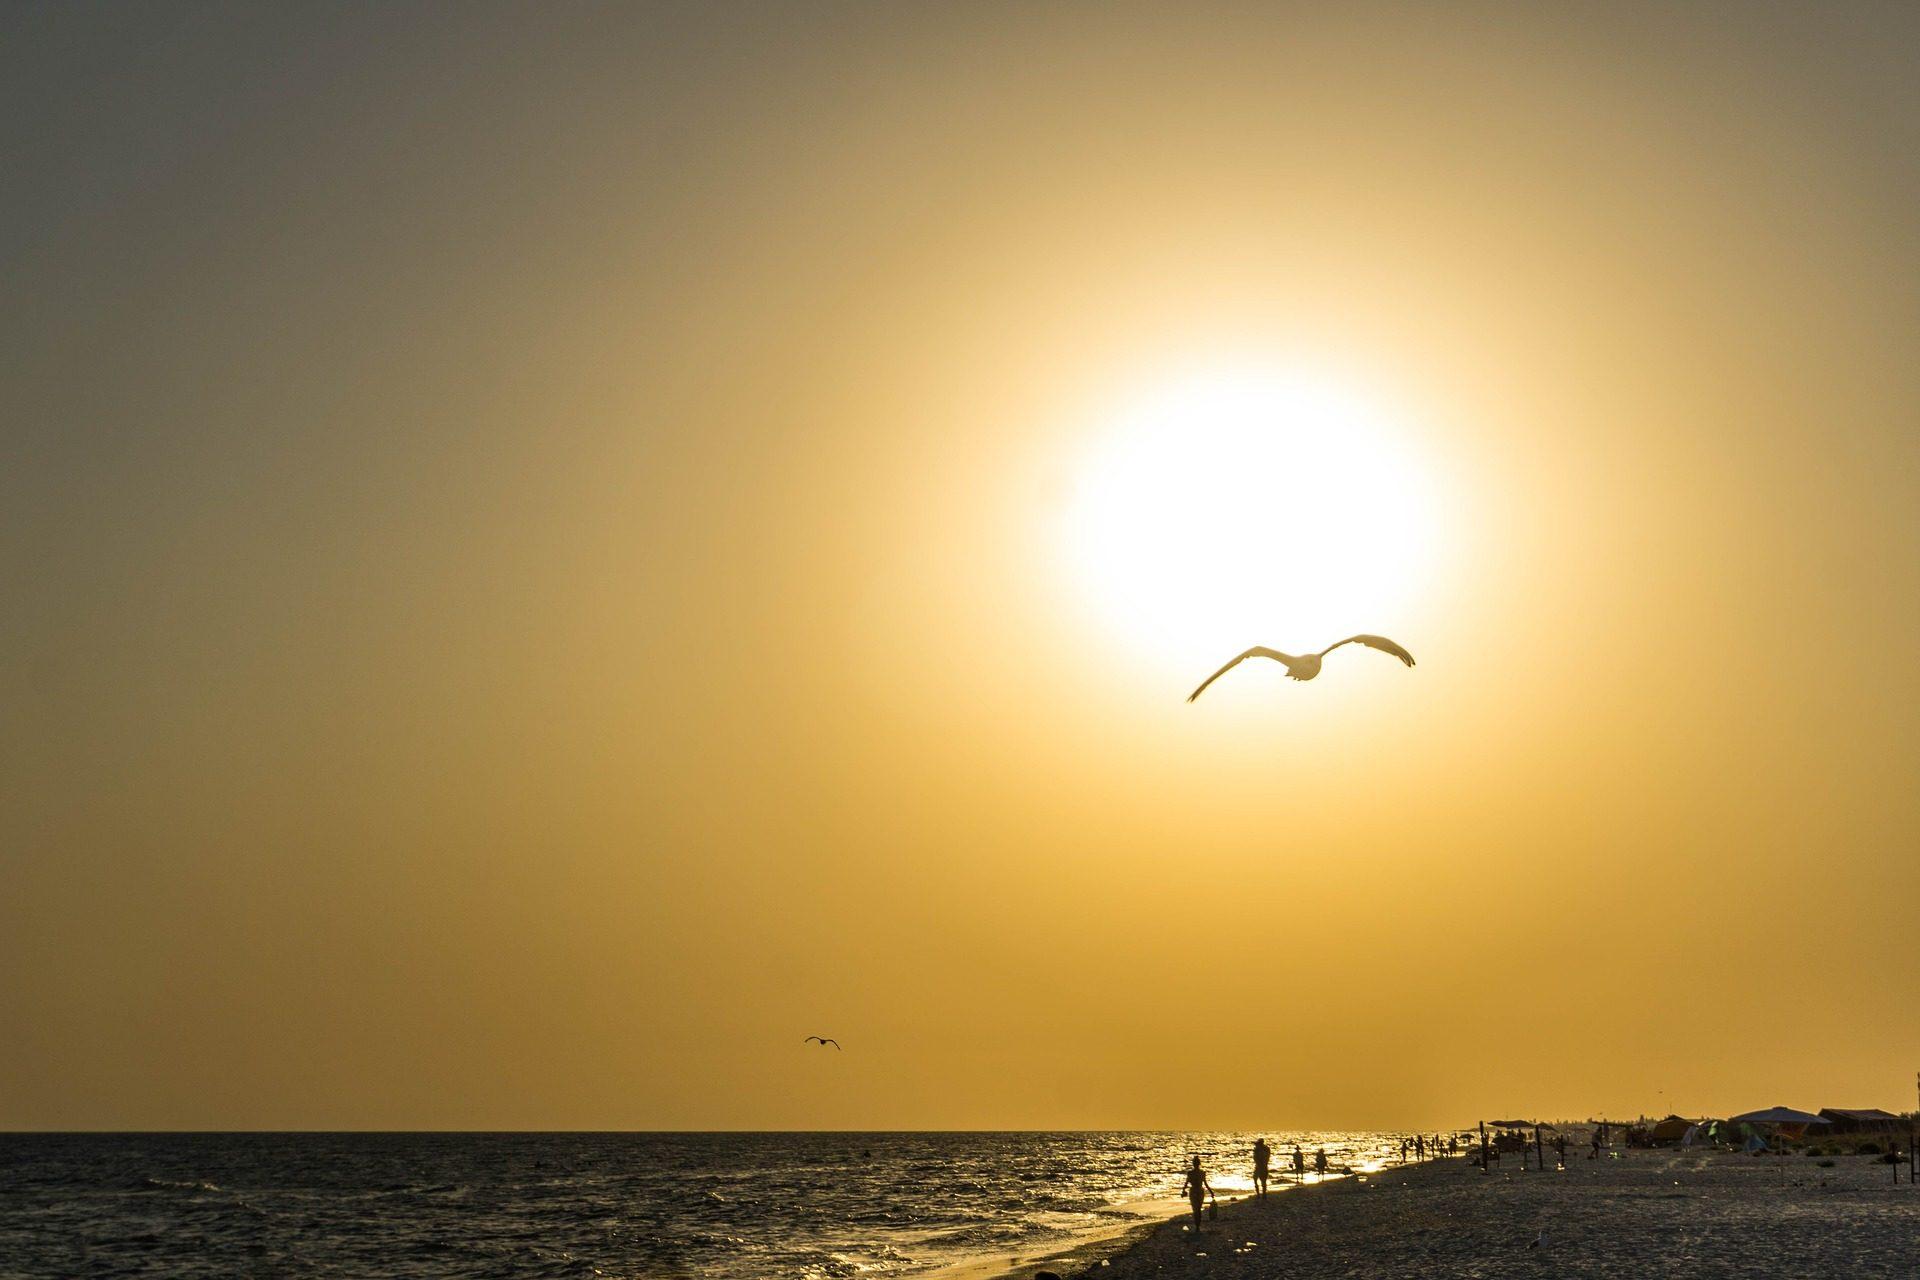 サンセット, 太陽, ビーチ, 海, シーガル, シルエット - HD の壁紙 - 教授-falken.com